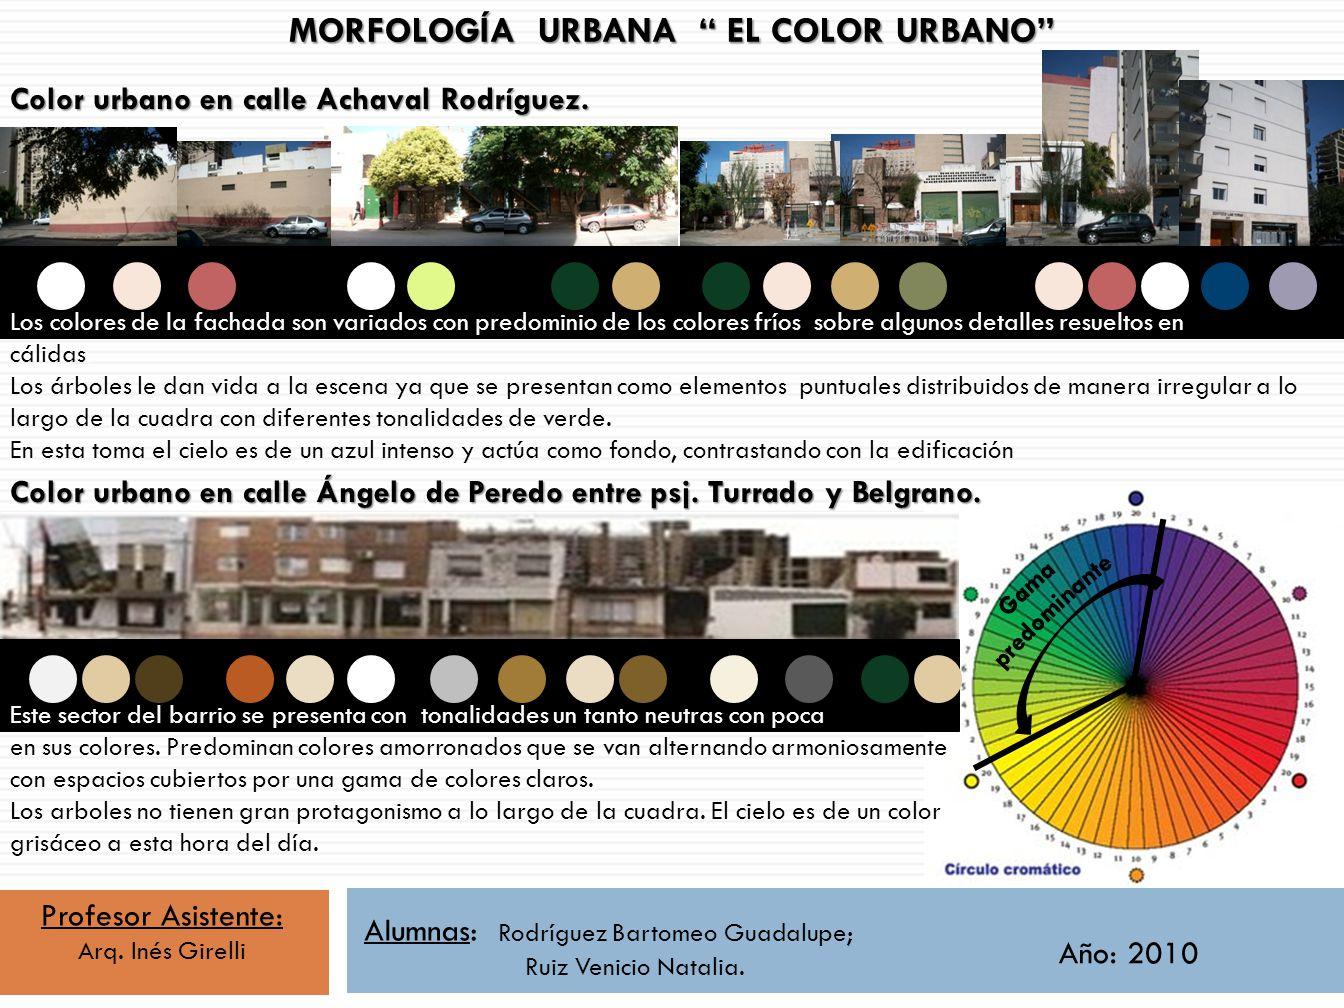 Profesor Asistente: Arq. Inés Girelli Alumnas: Rodríguez Bartomeo Guadalupe; Ruiz Venicio Natalia. Año: 2010 MORFOLOGÍA URBANA EL COLOR URBANO Color u